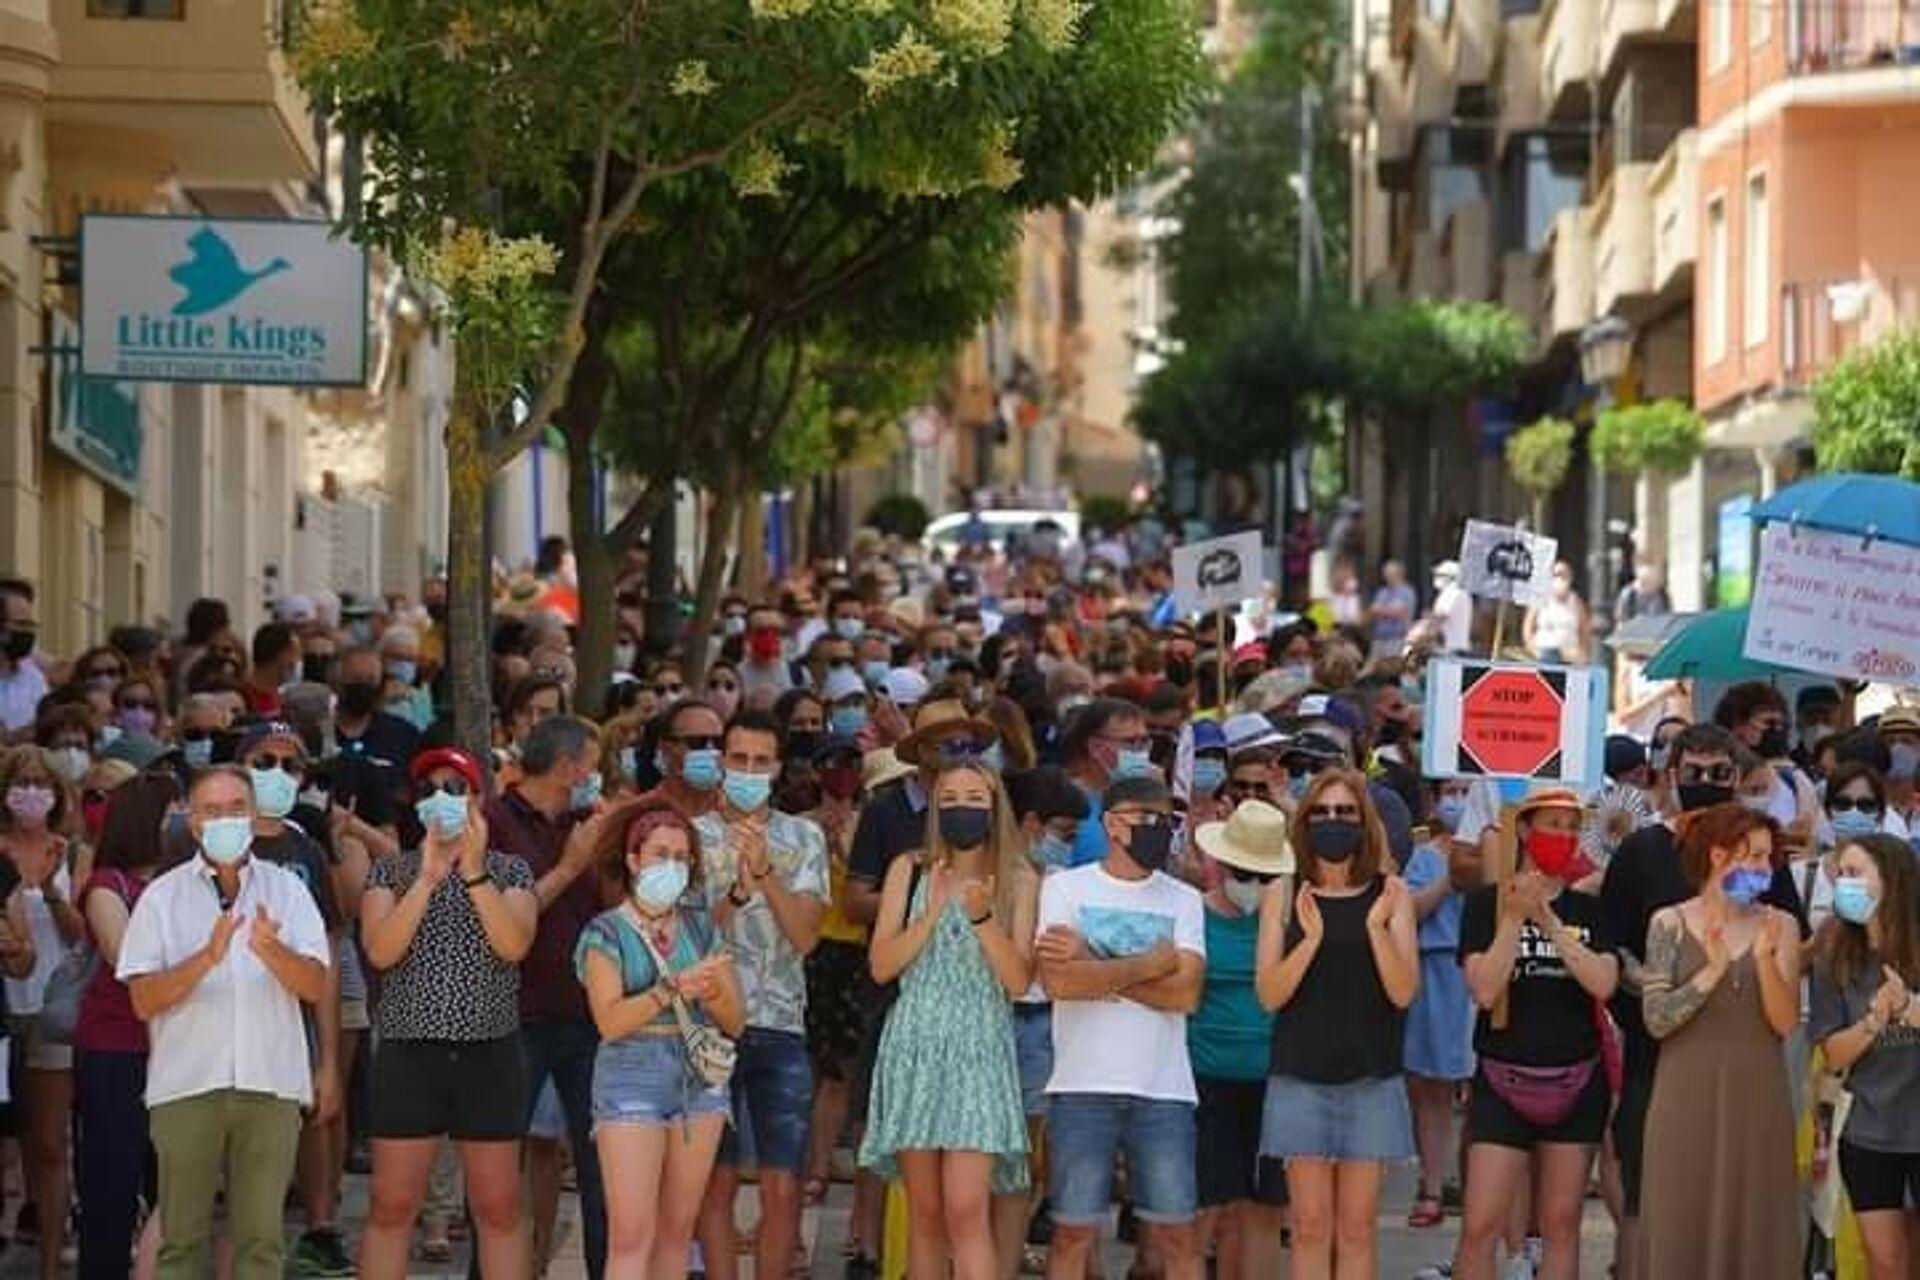 Manifestación contra la instalación de una macrogranja en Yecla, al sureste de España - Sputnik Mundo, 1920, 26.07.2021